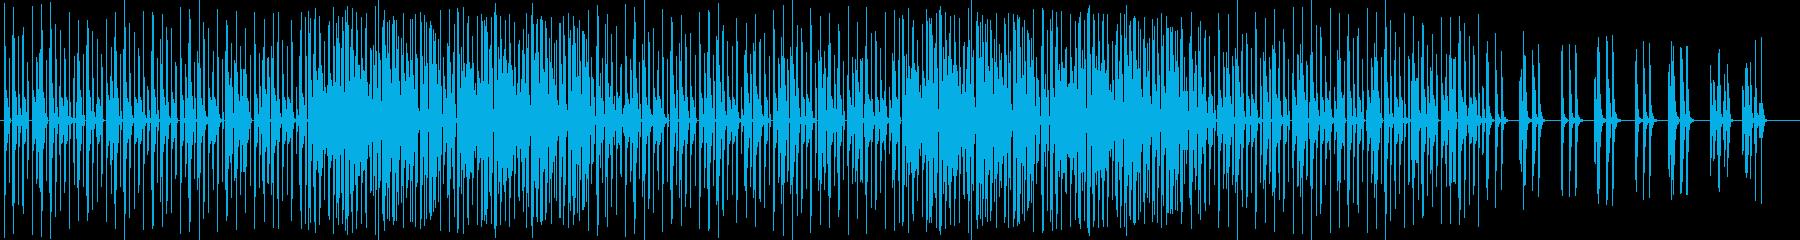 冬をイメージする音のハッピーな曲の再生済みの波形